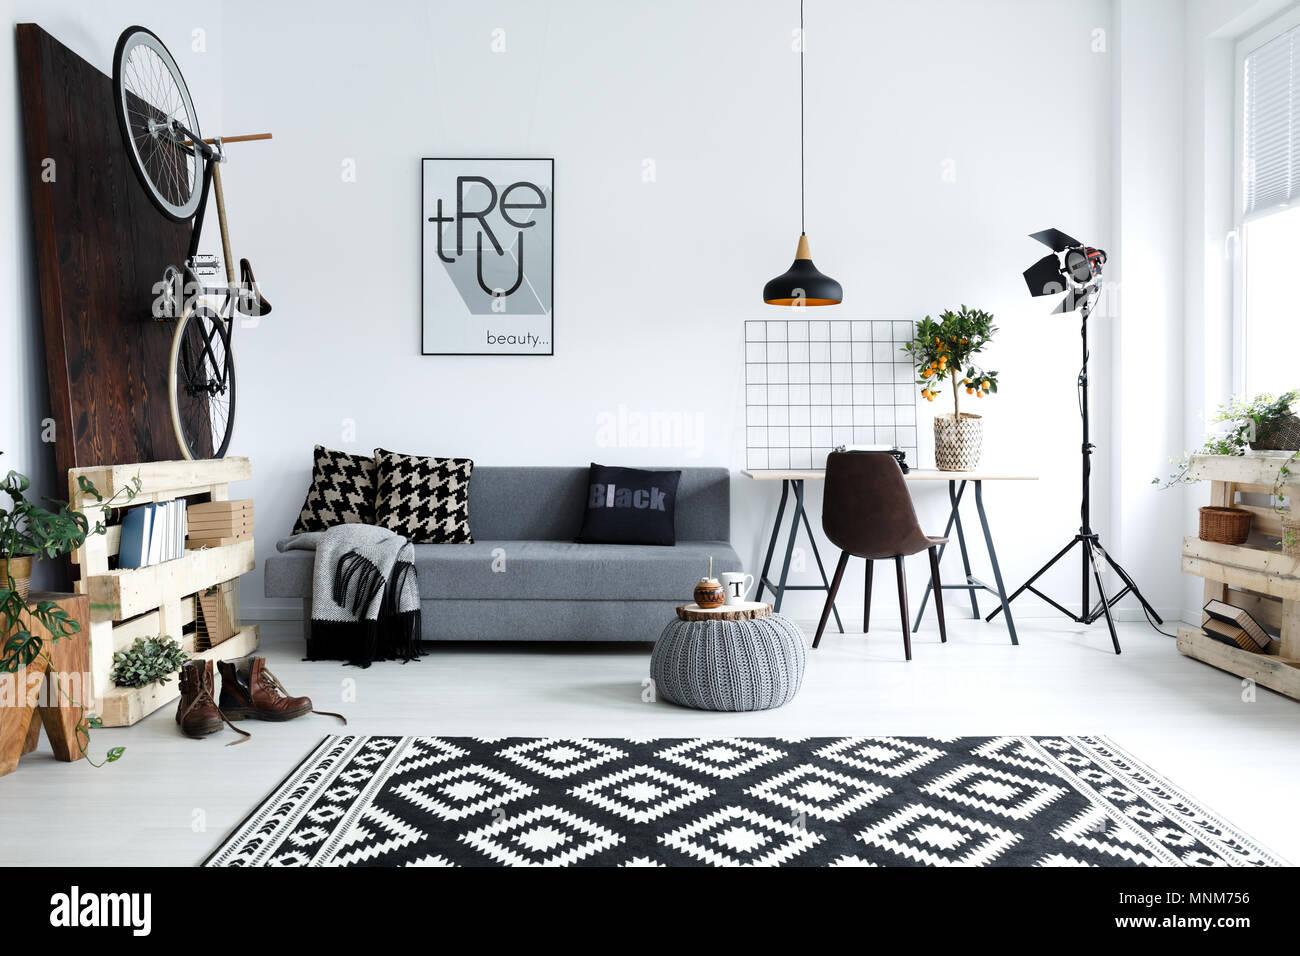 Hüfthose Style, Weiß Wohnzimmer Mit Sofa, Pouf, Teppich, Fahrrad